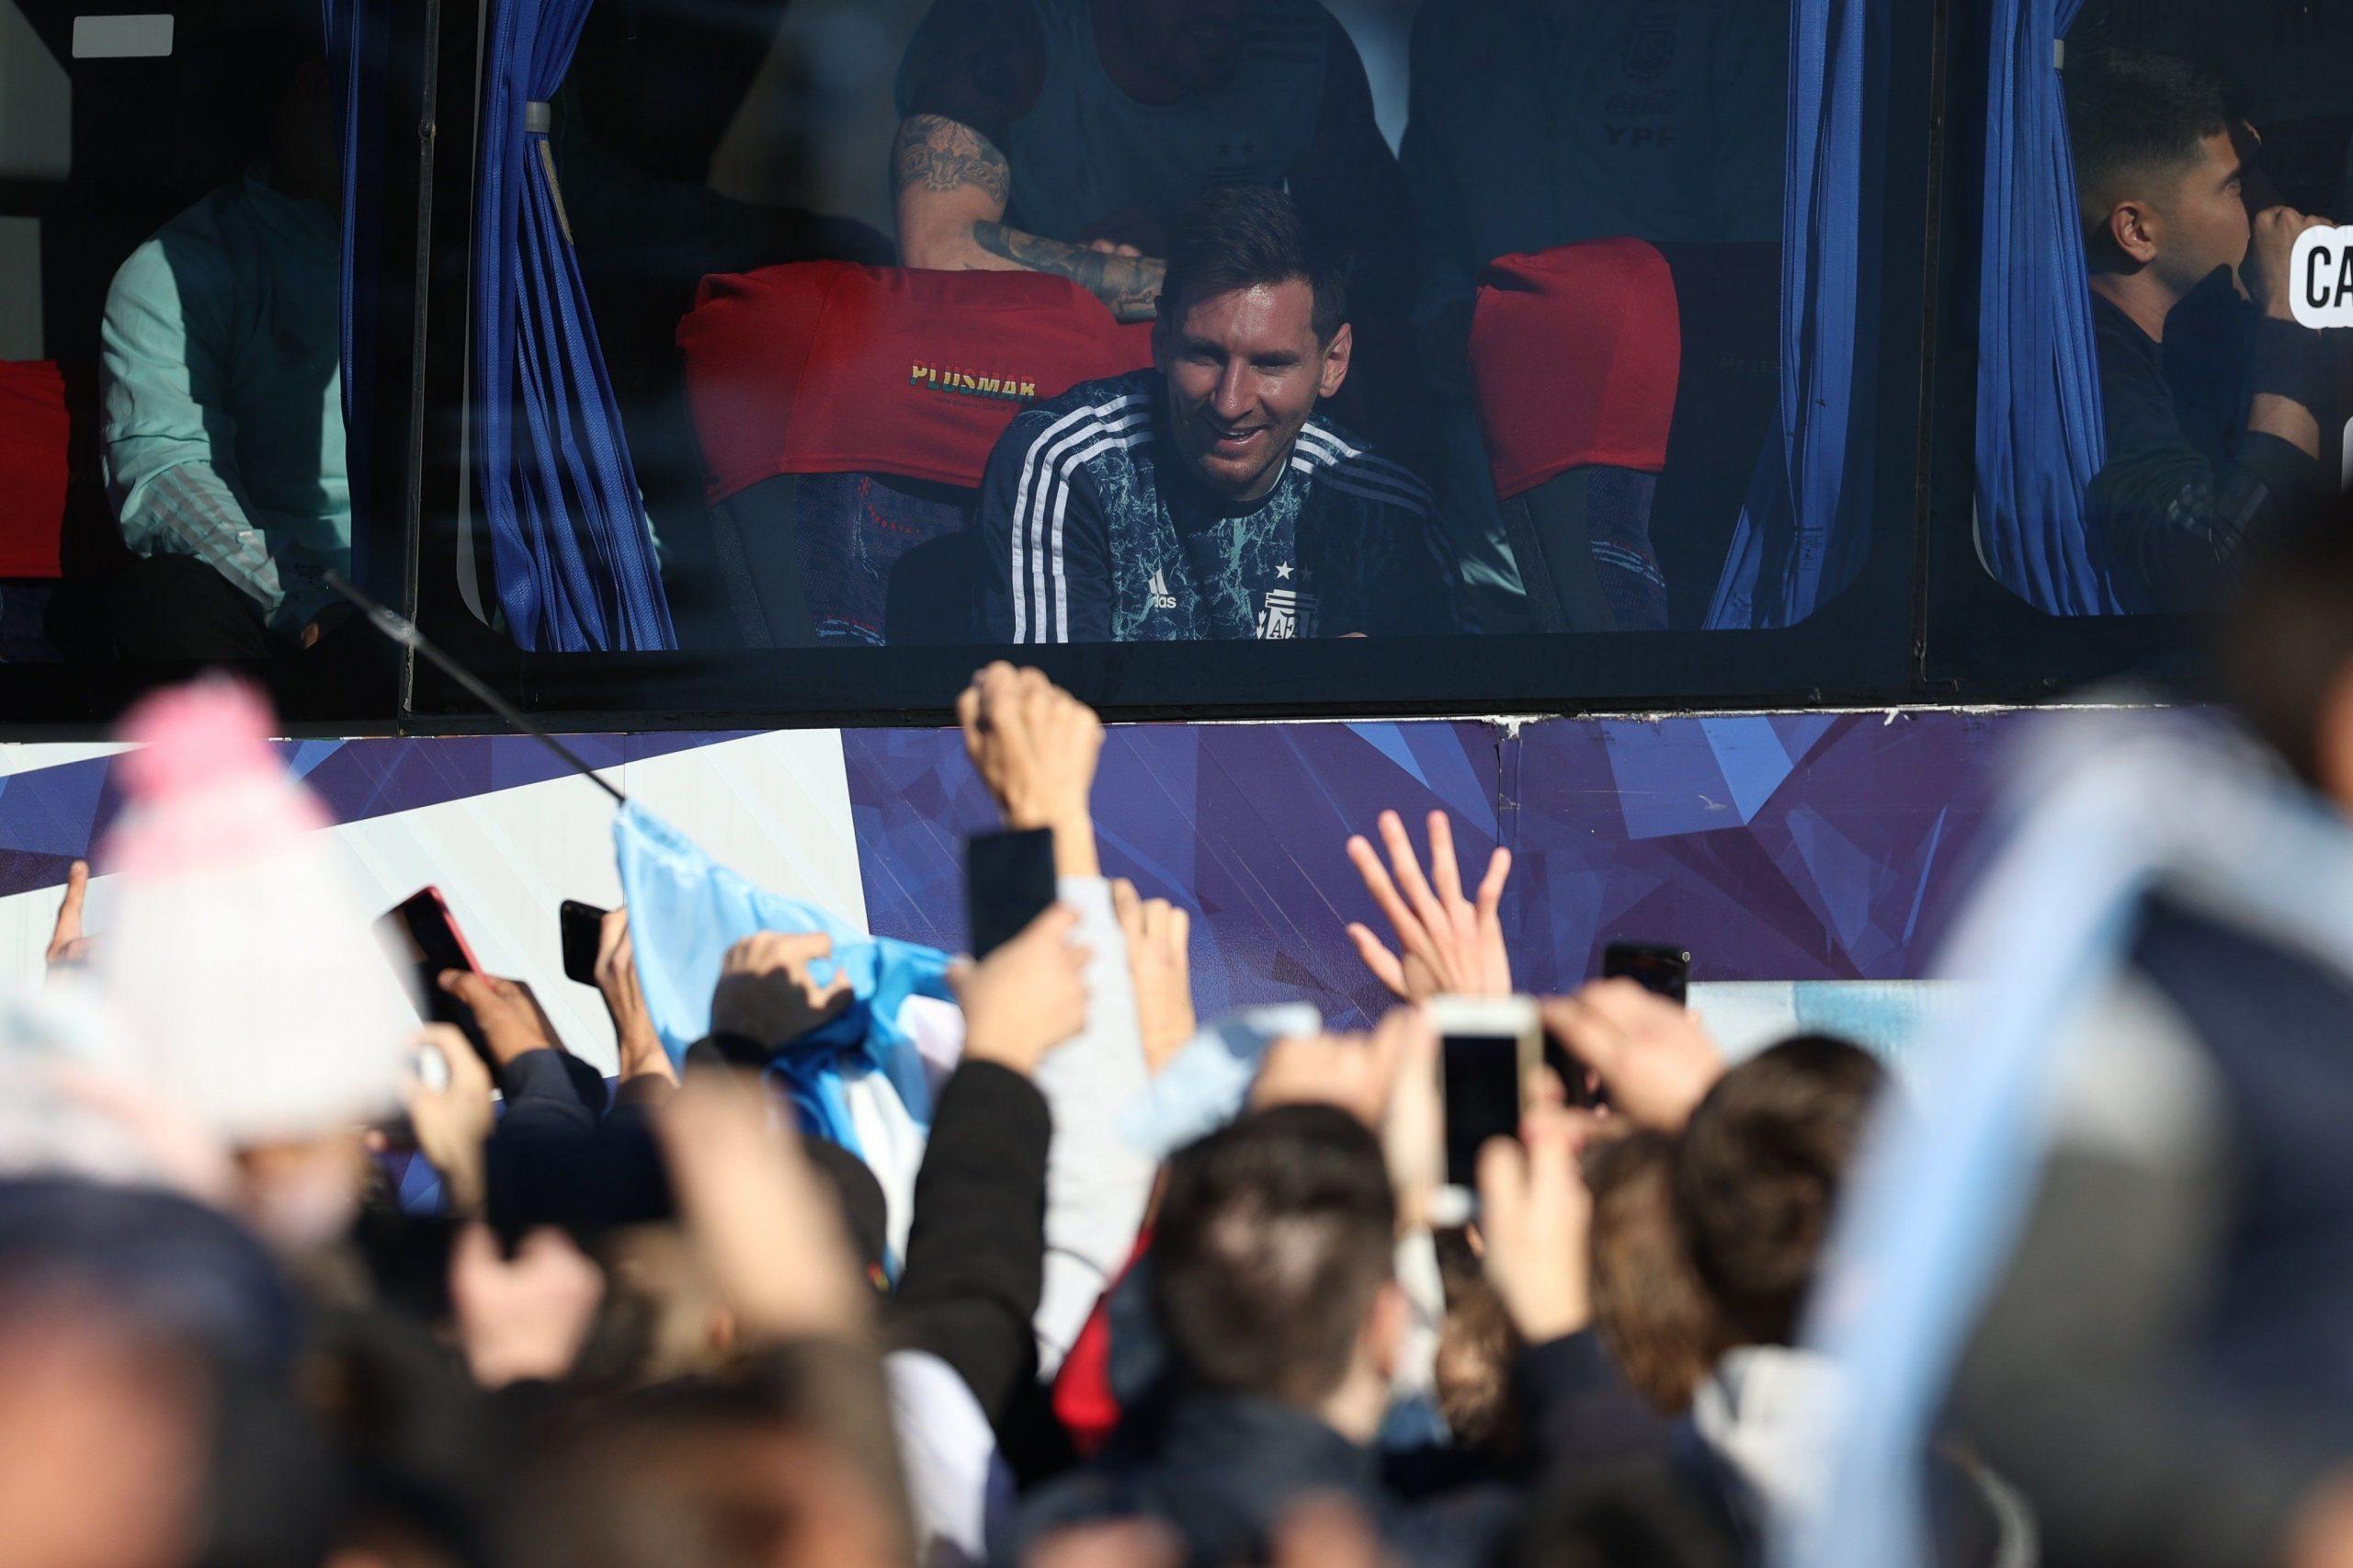 El campeón de Copa América llegó a Buenos Aires: así recibieron a la Selección Argentina